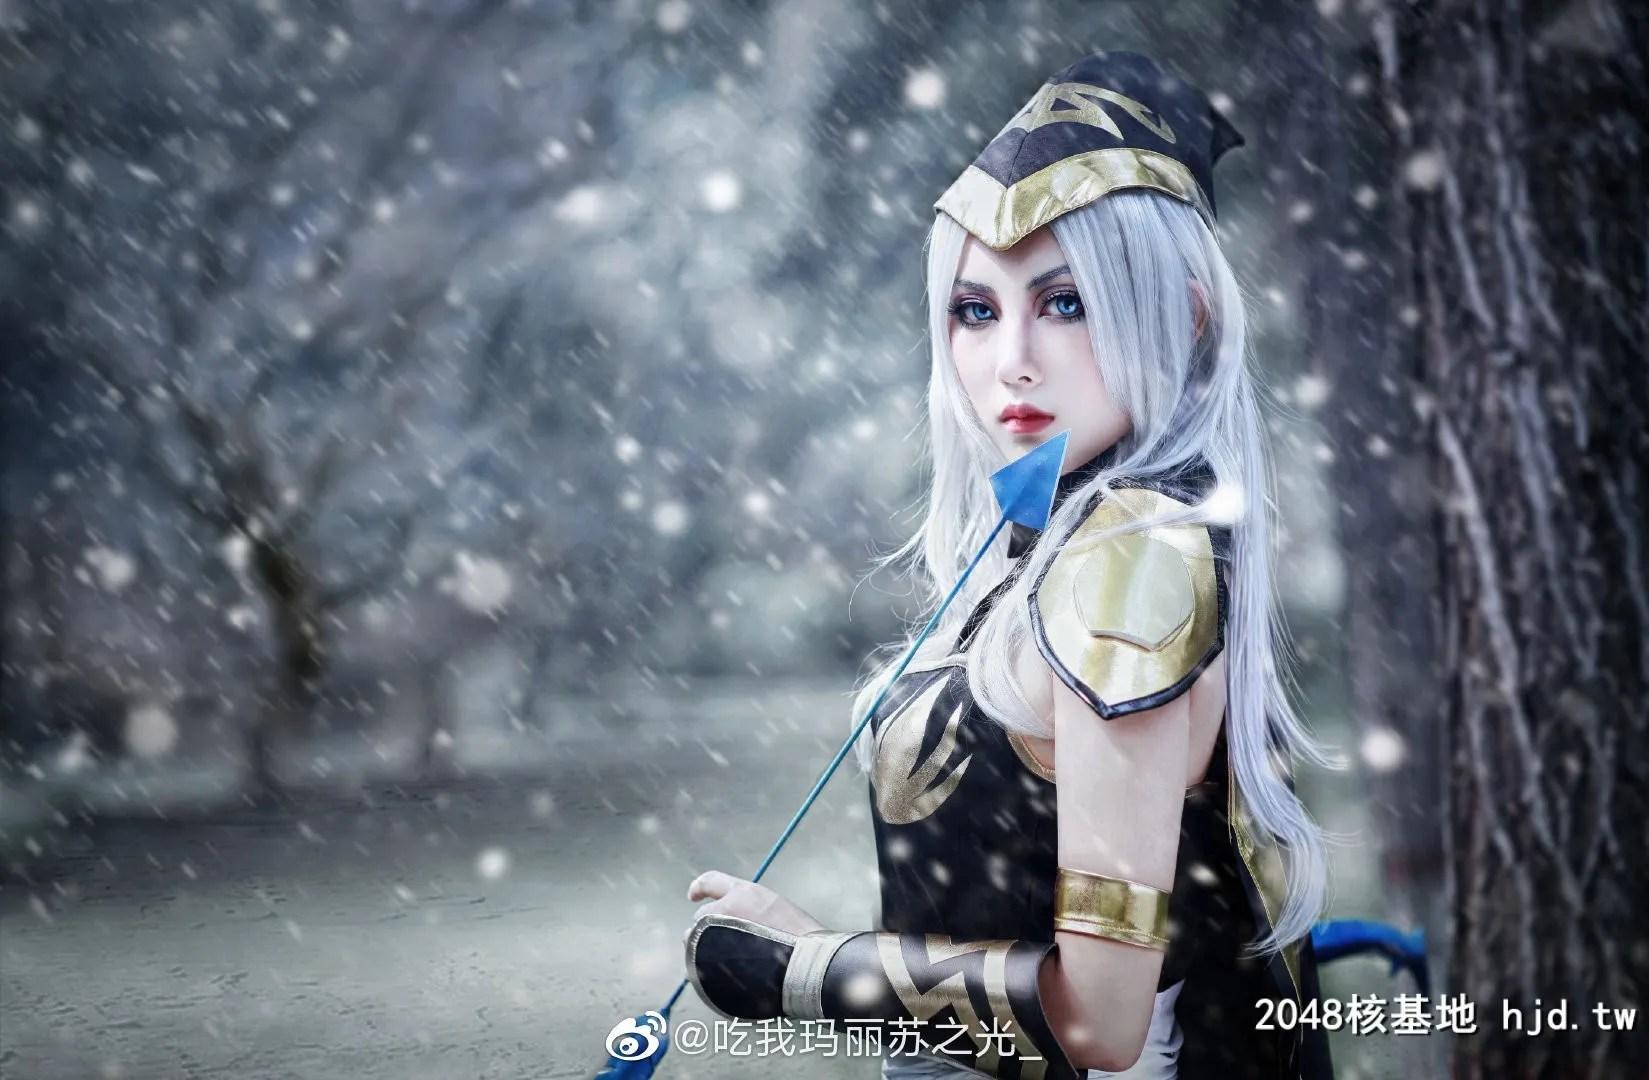 英雄联盟寒冰射手艾希@吃我玛丽苏之光_ (9P)插图(5)